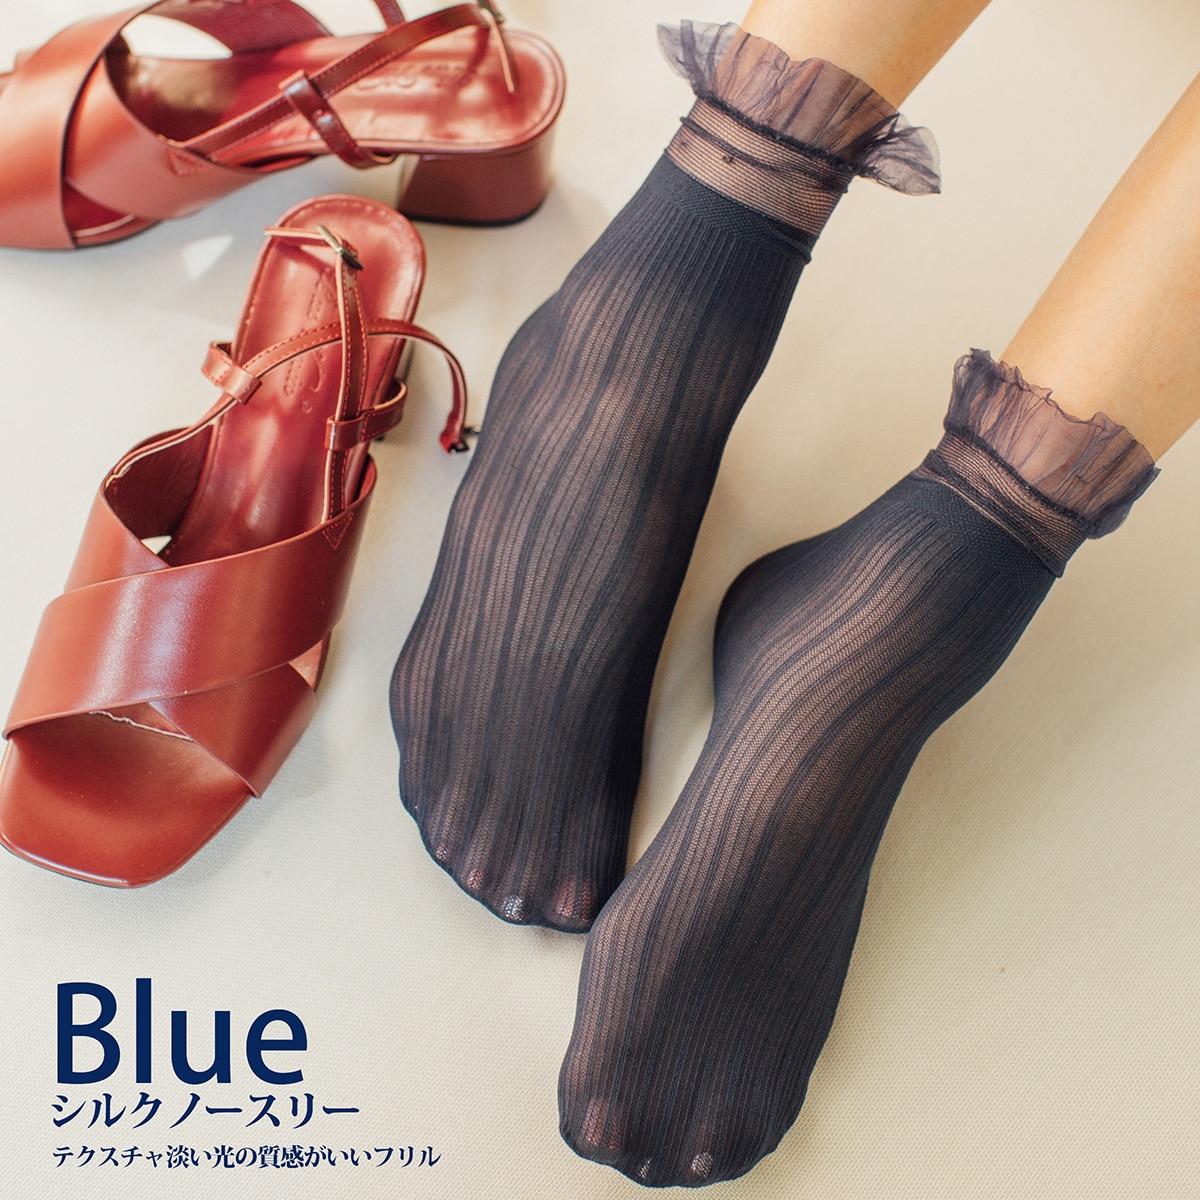 Модные женские носки Kawaii, 1 пара, кружевные ультратонкие прозрачные шелковые носки, женские летние и весенние прямые поставки|Носки|   | АлиЭкспресс